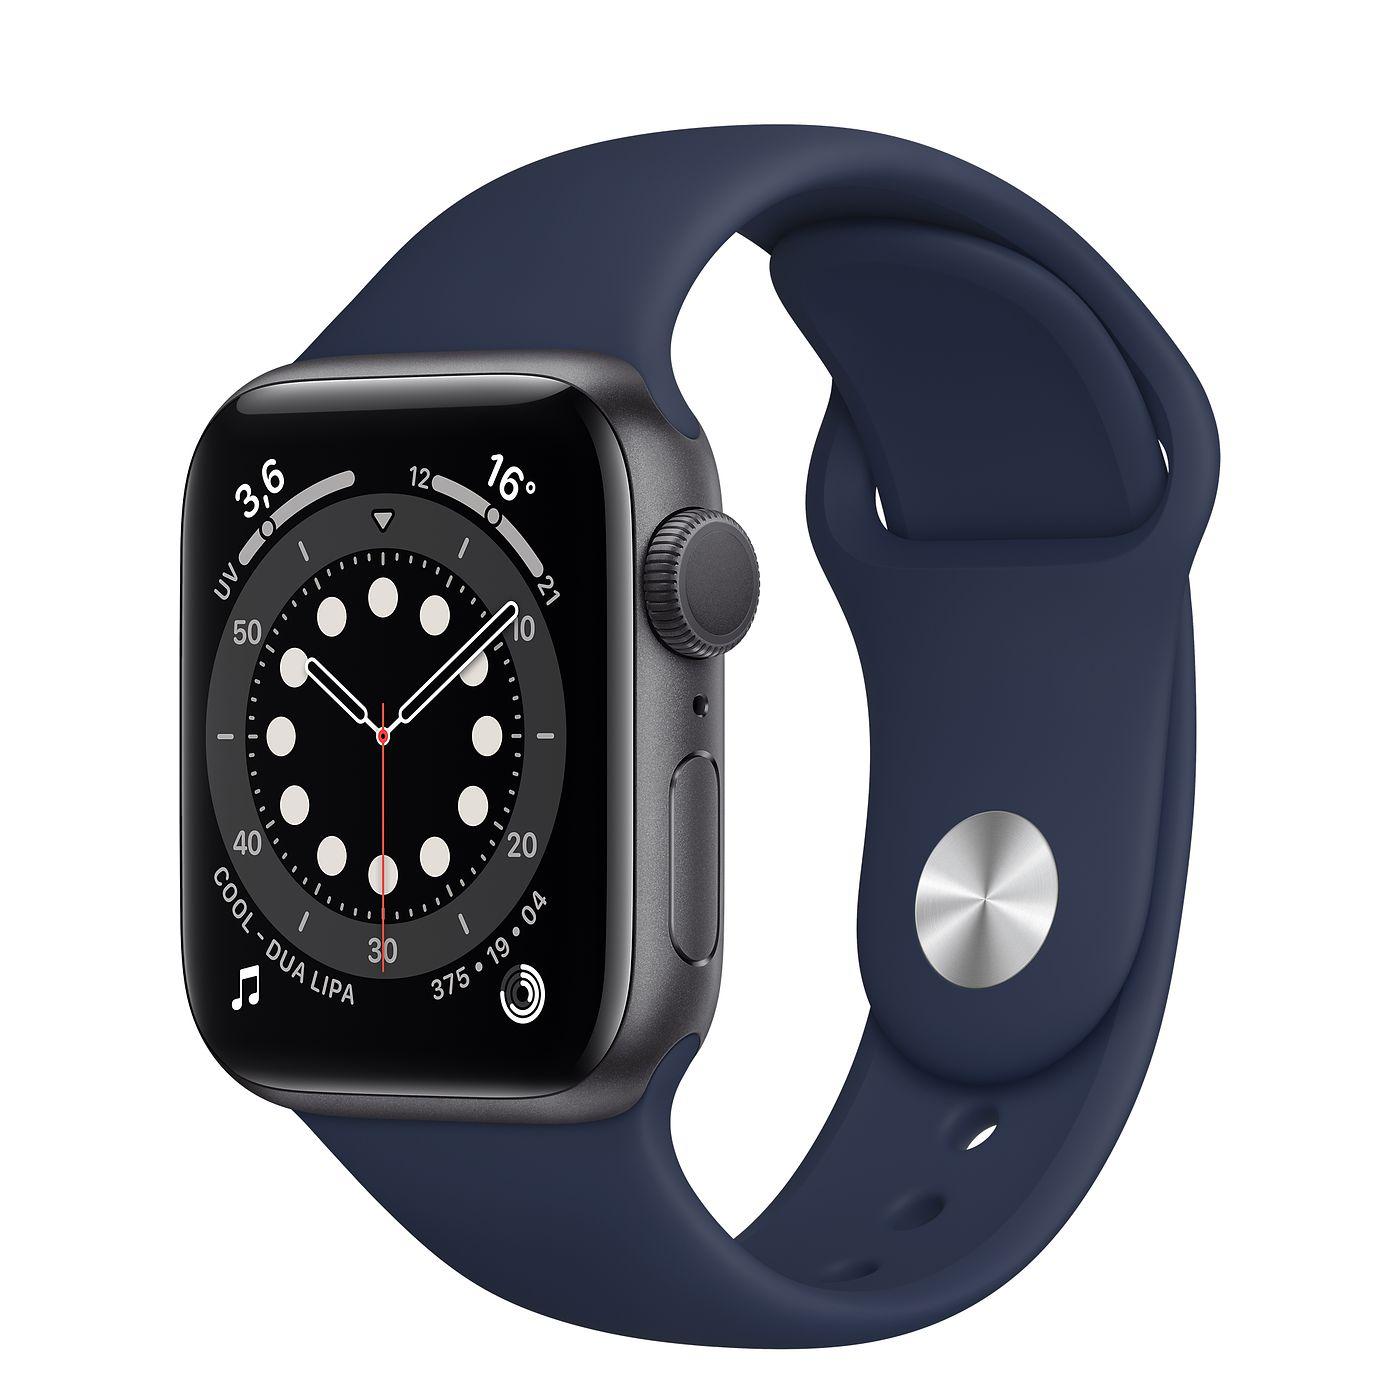 MYAU2_VW_34FR+watch-40-alum-spacegray-nc-6s_VW_34FR_WF_CO_GEO_FR